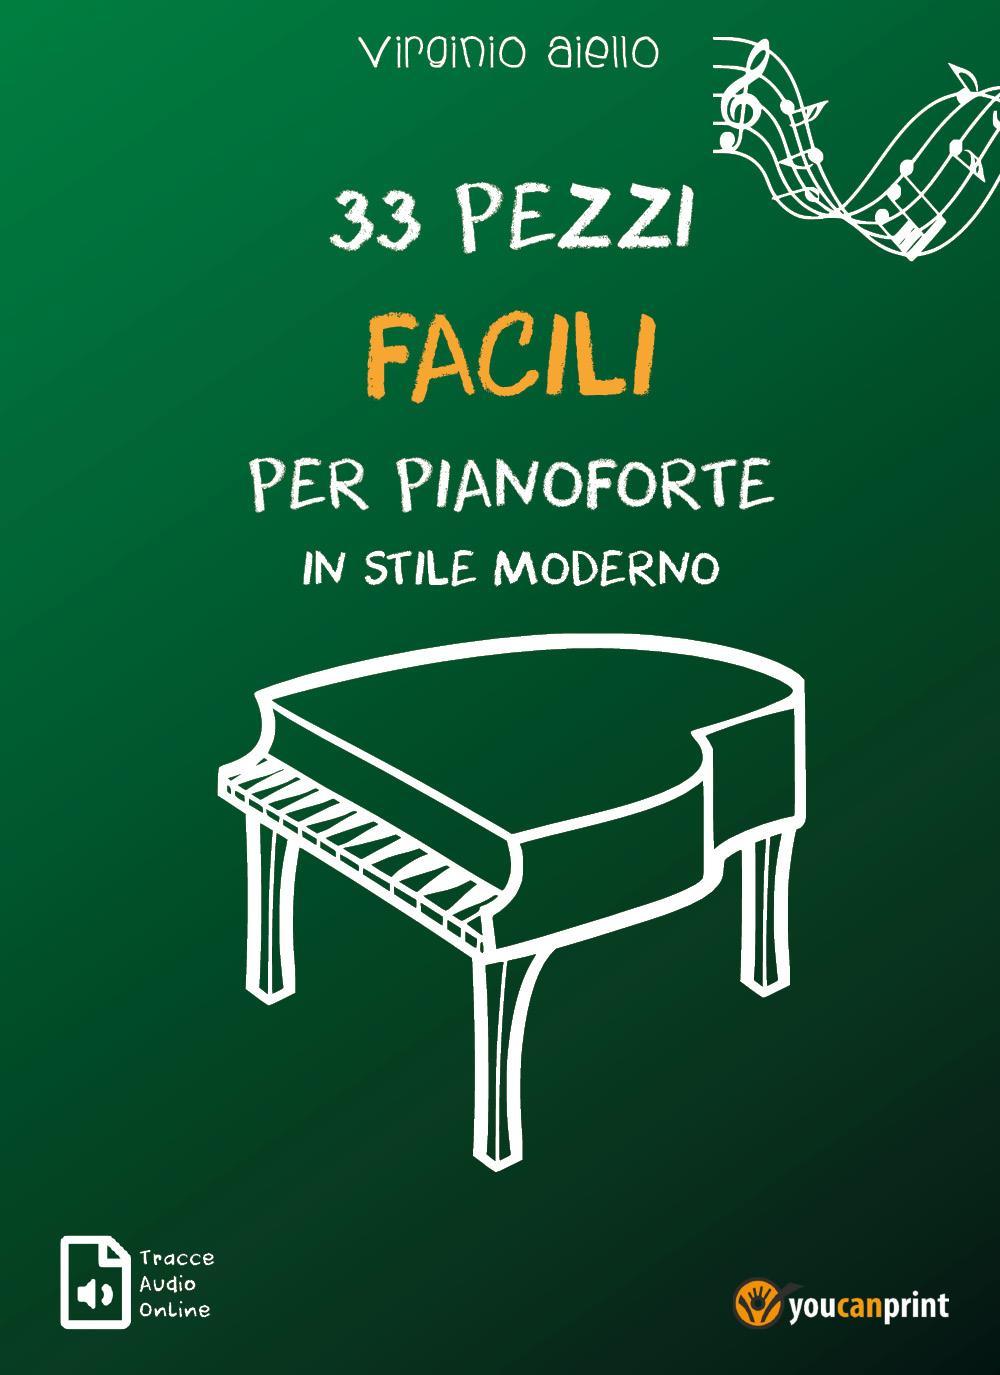 33 Pezzi Facili per Pianoforte in stile moderno